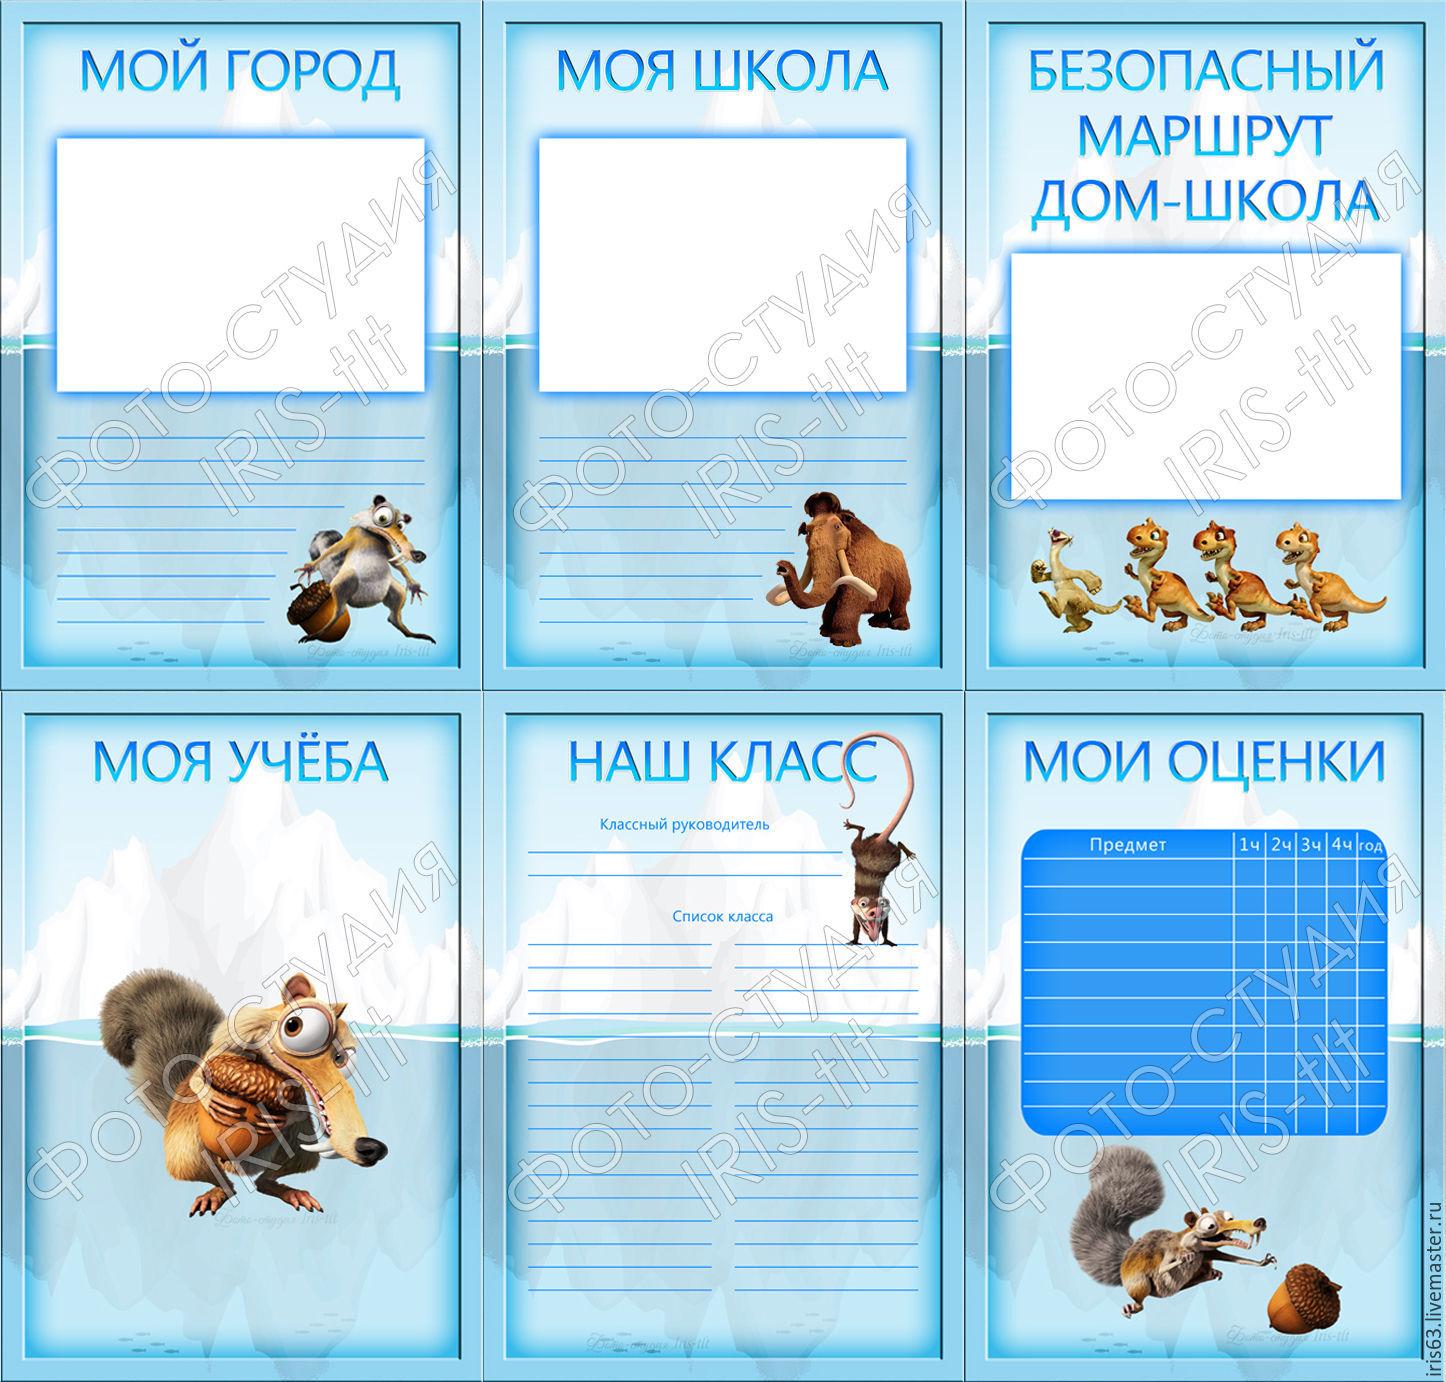 Потребительские товары: Портфолио в Тольятти. Сравнить цены, купить потребительские товары на poiskobuvi.ru